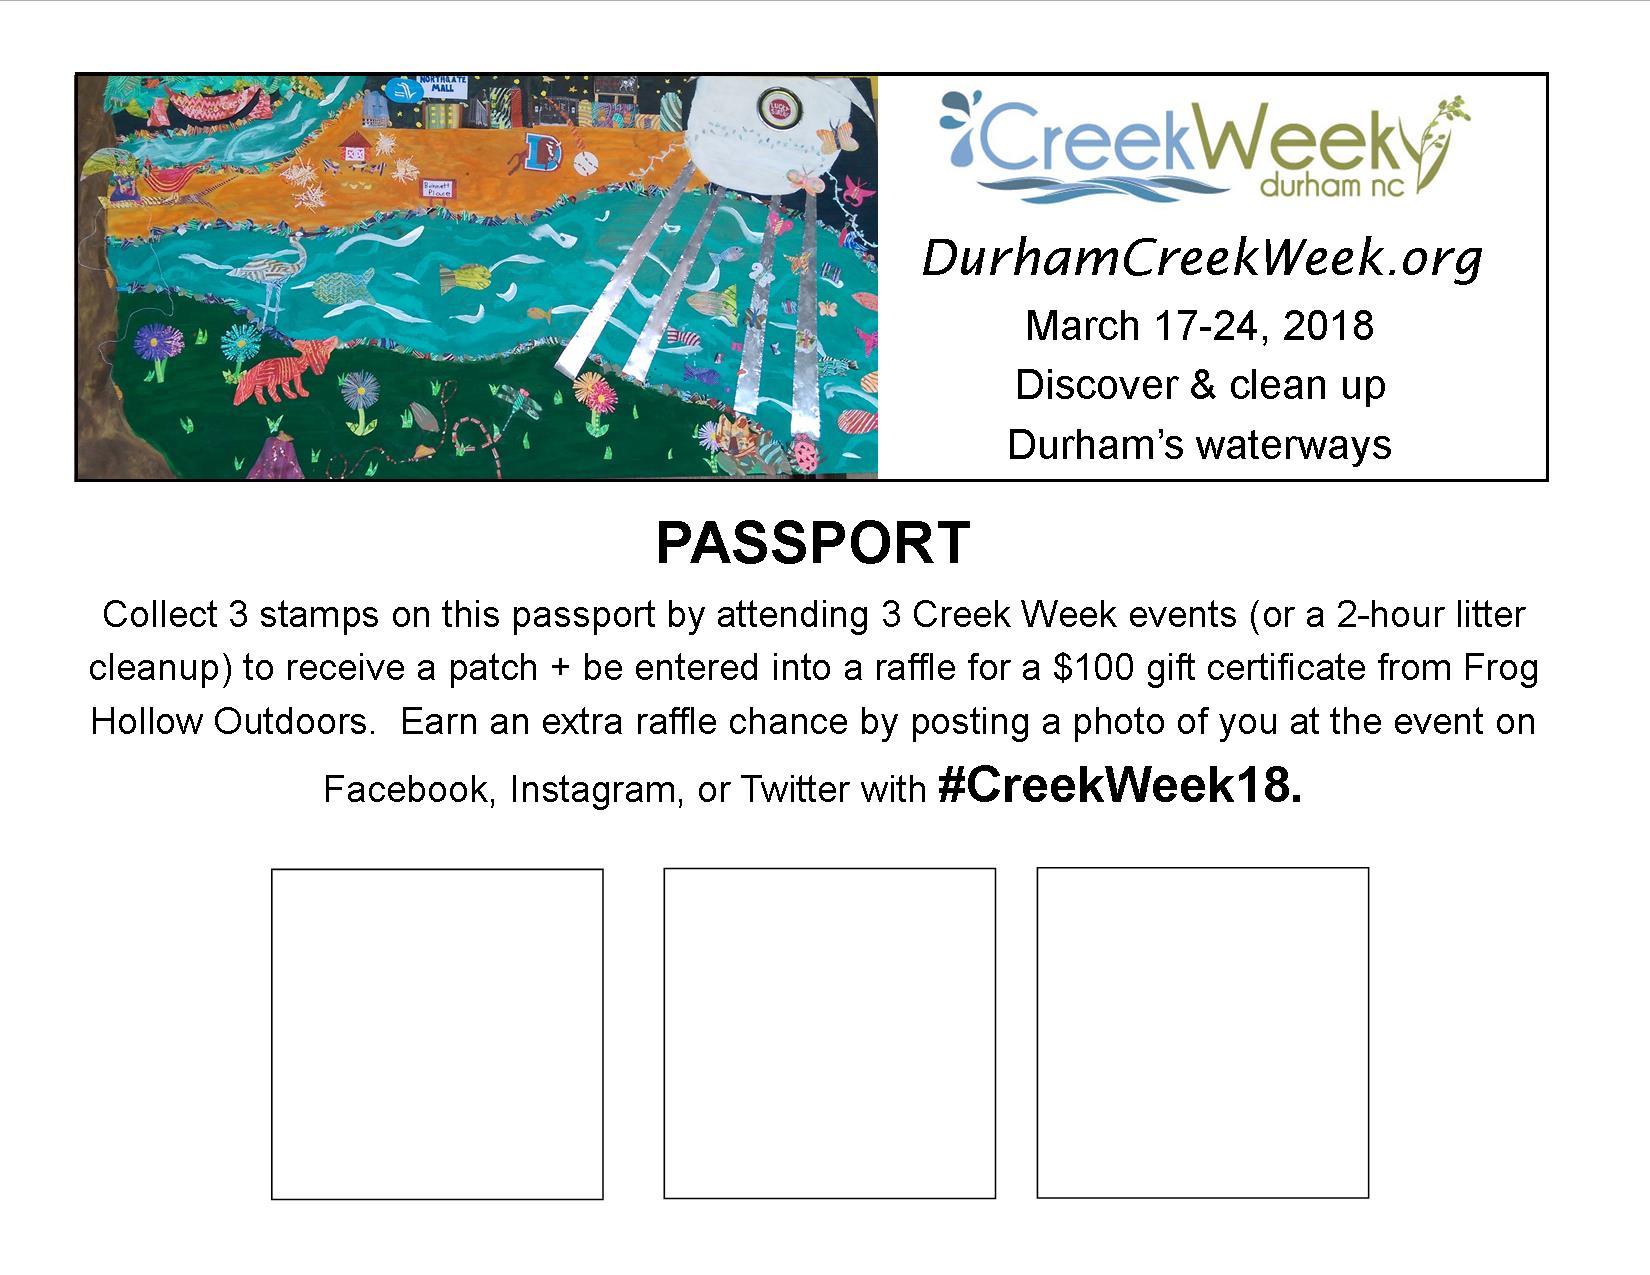 2018 creek week passport printable.jpg